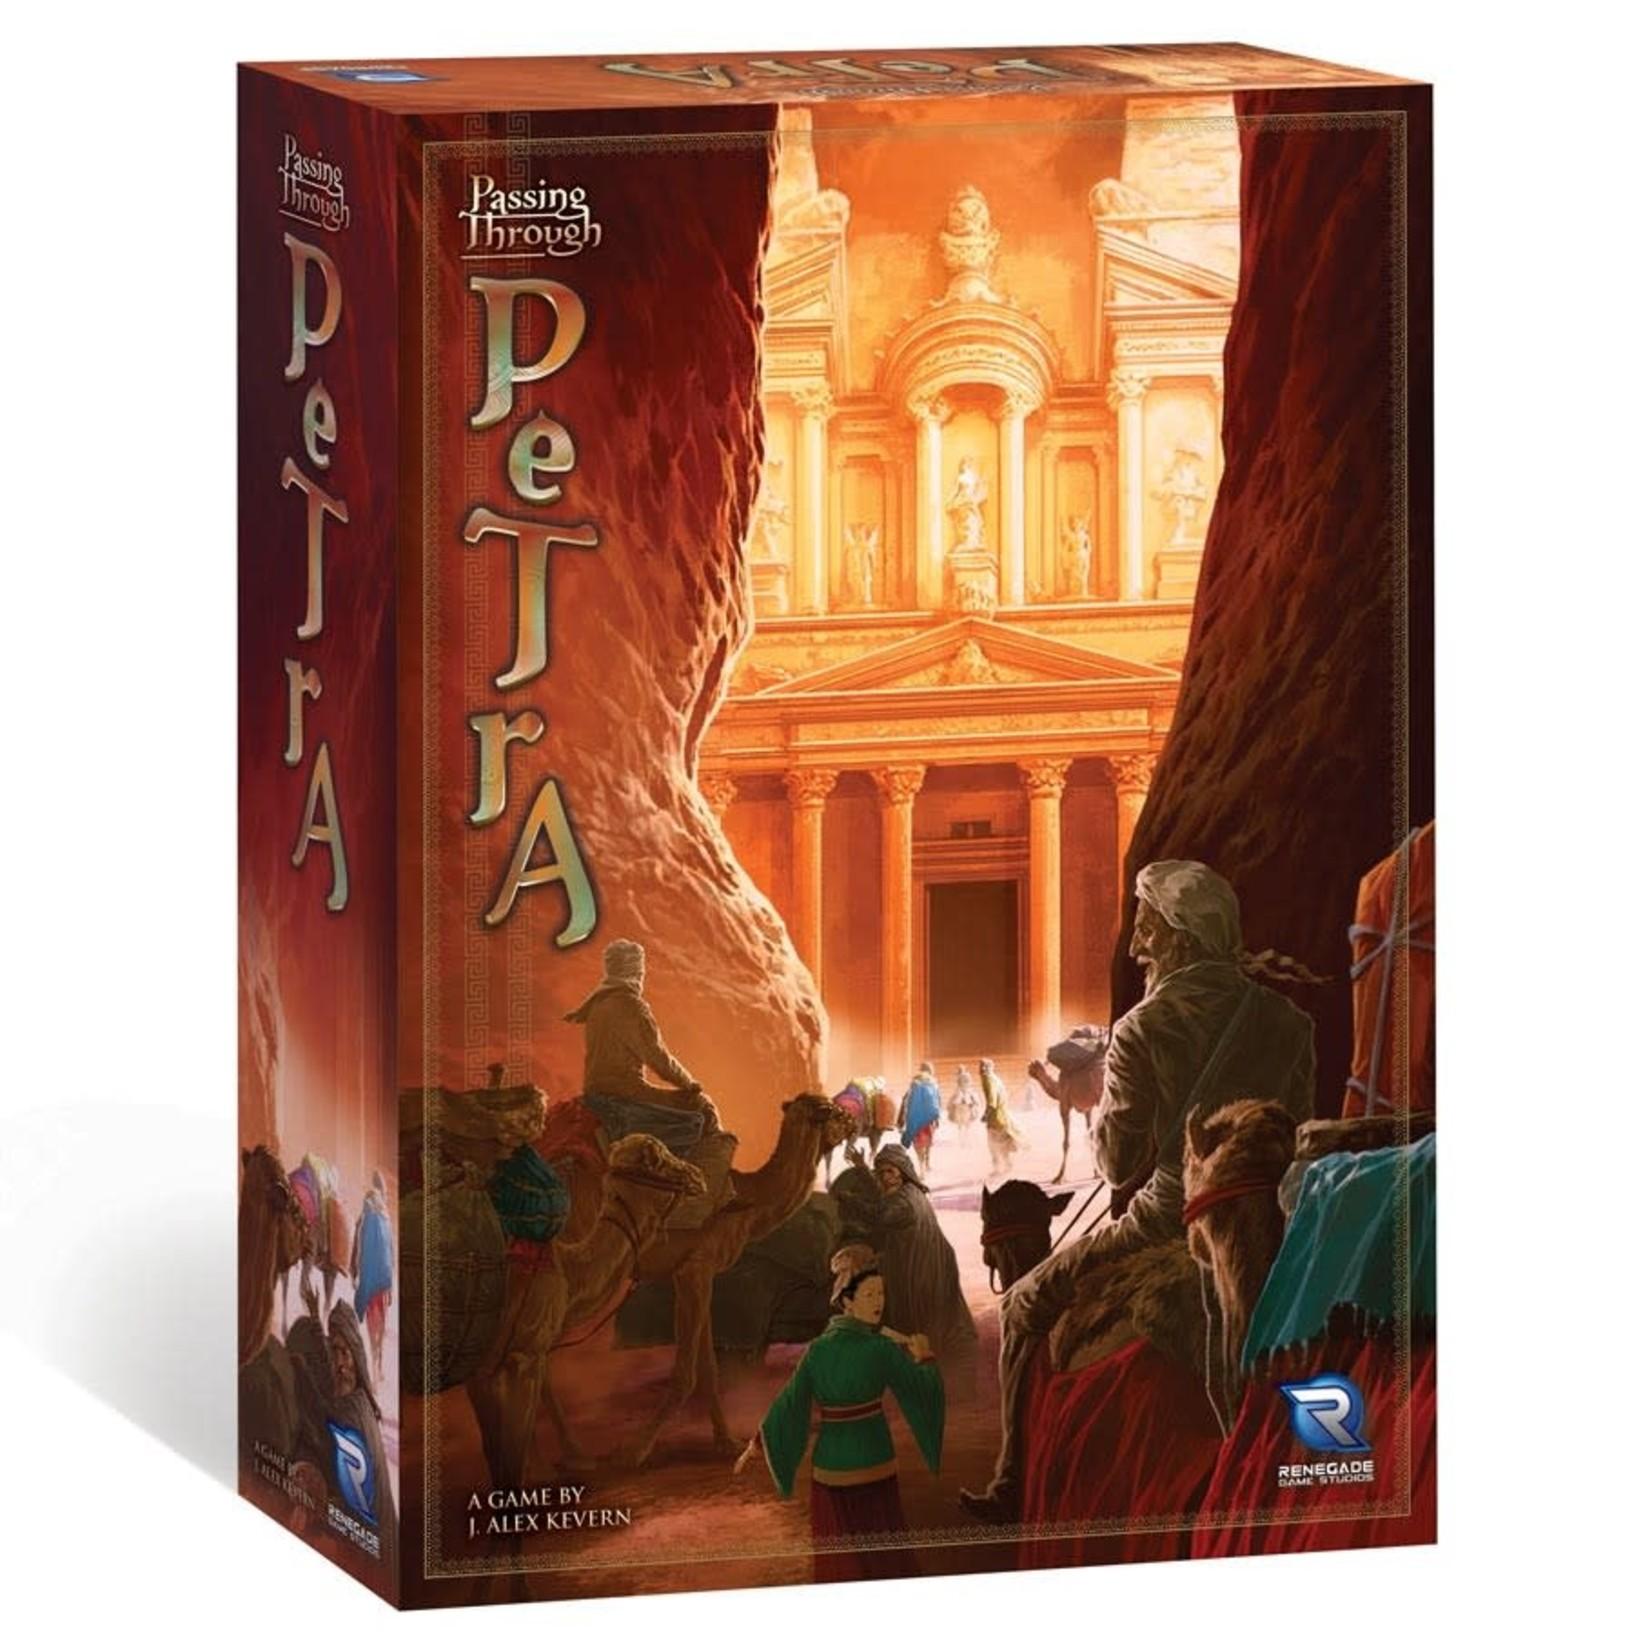 Renegade Passing Through Petra